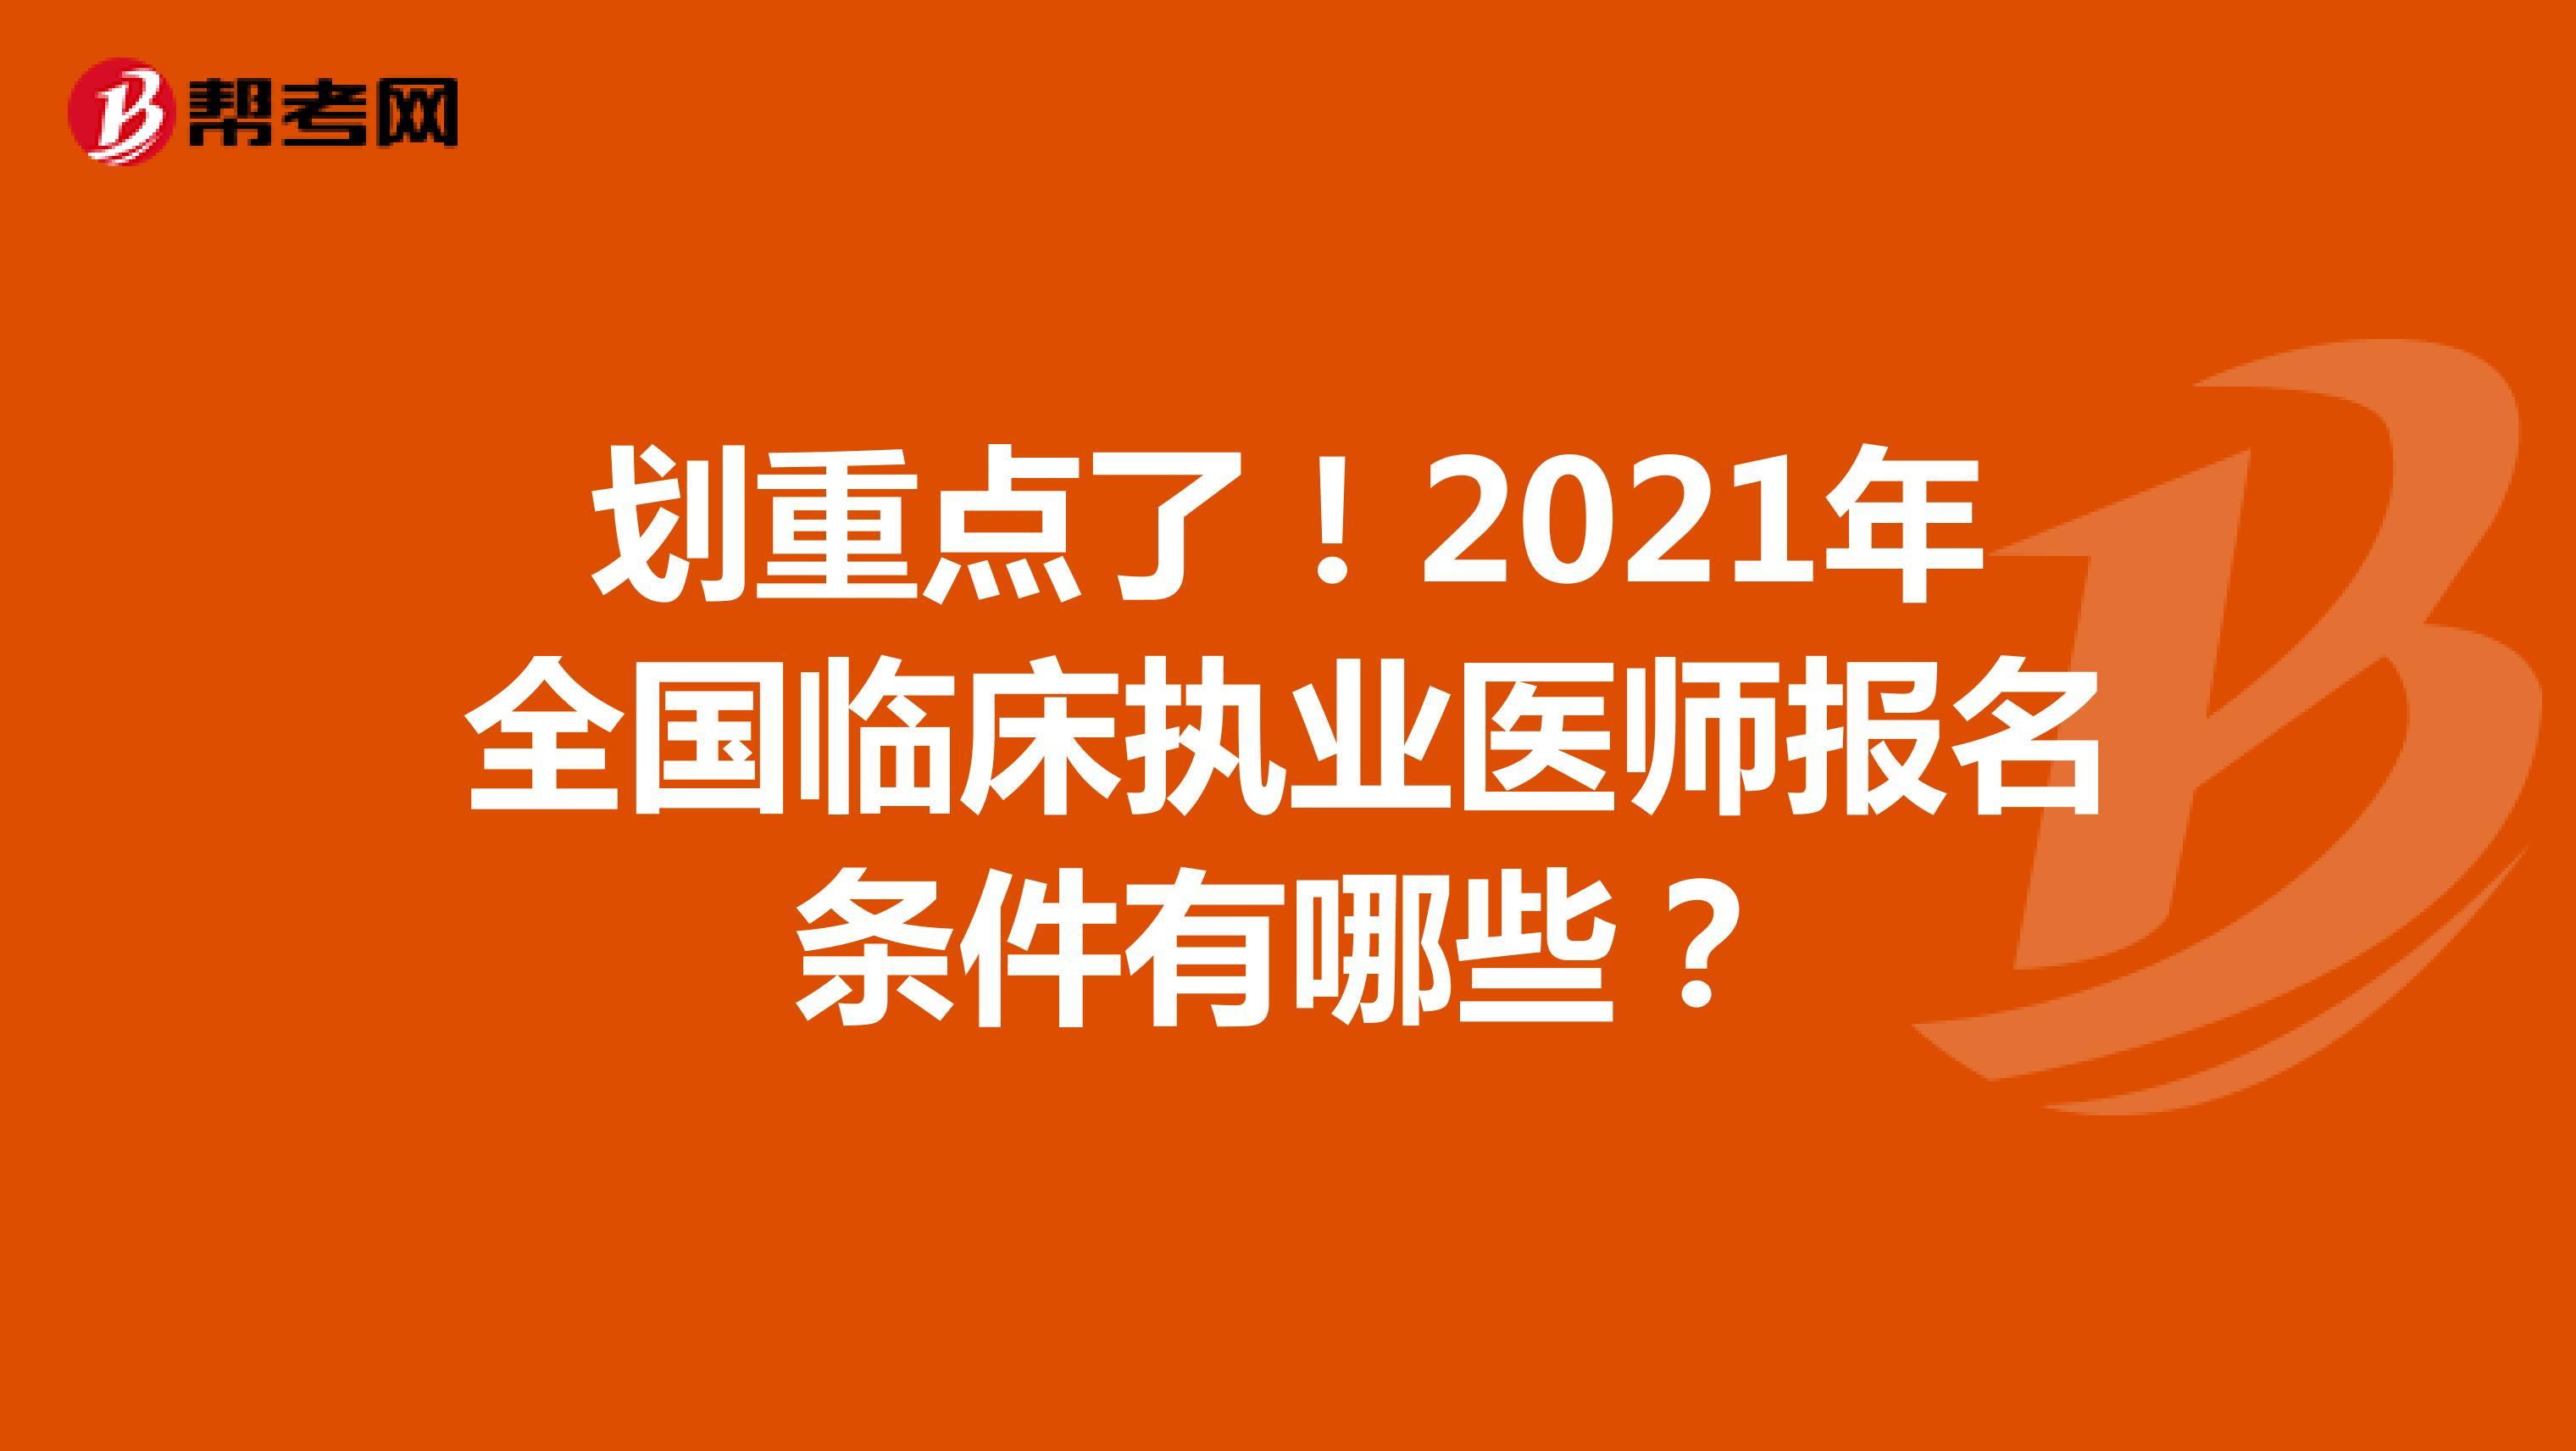 划重点了!2021年全国临床执业医师报名条件有哪些?